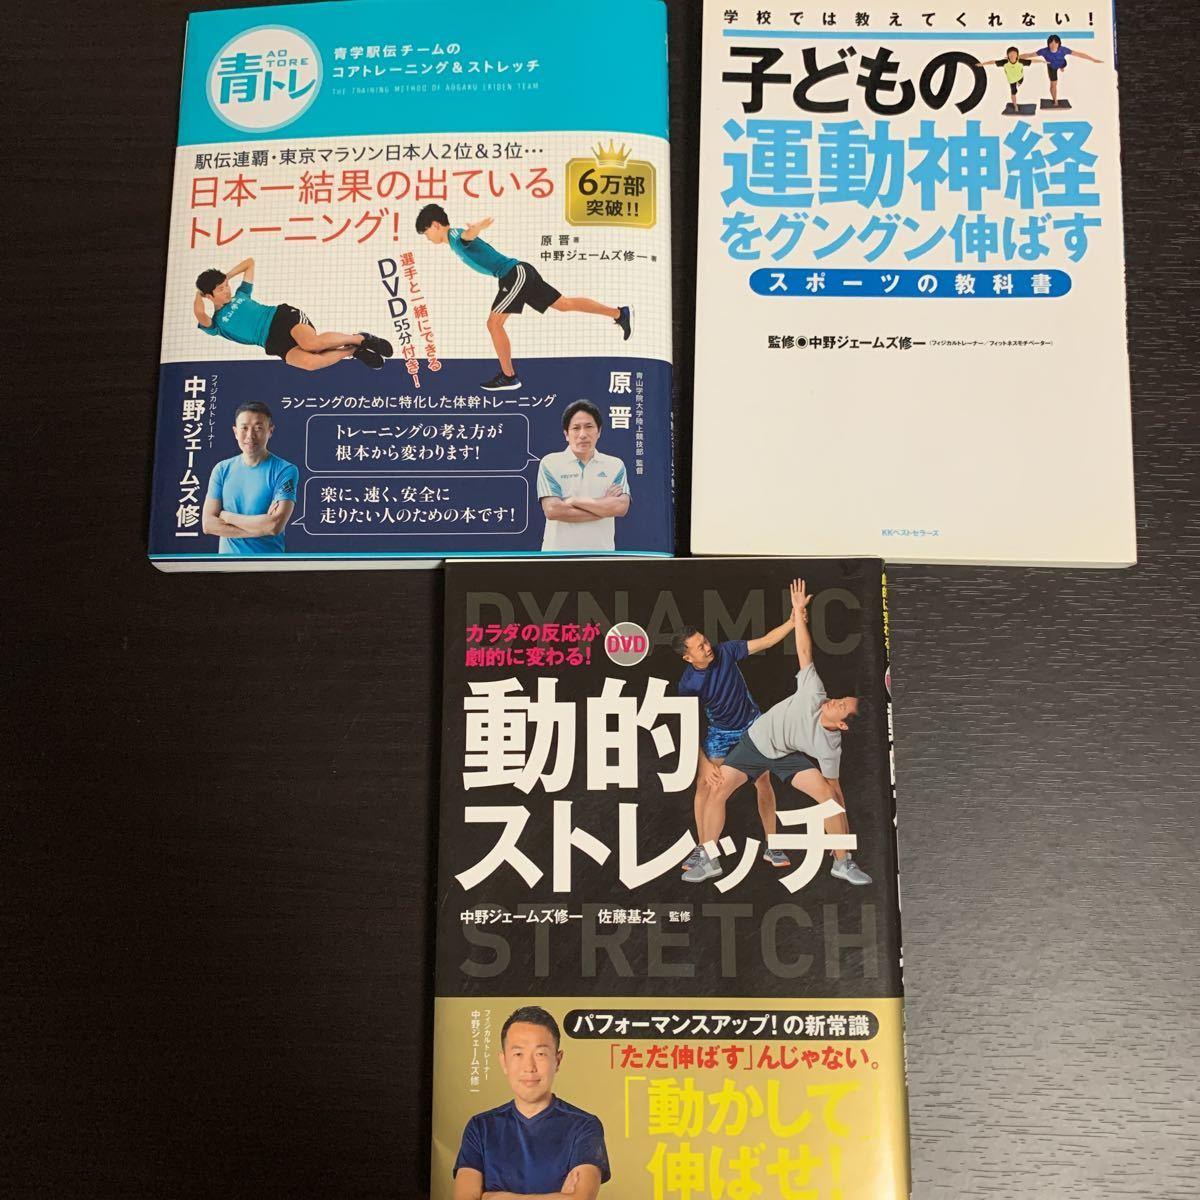 中野ジェームズ修一氏の本3冊 青トレ 動的ストレッチ 子供の運動神経をグングン伸ばす_画像1